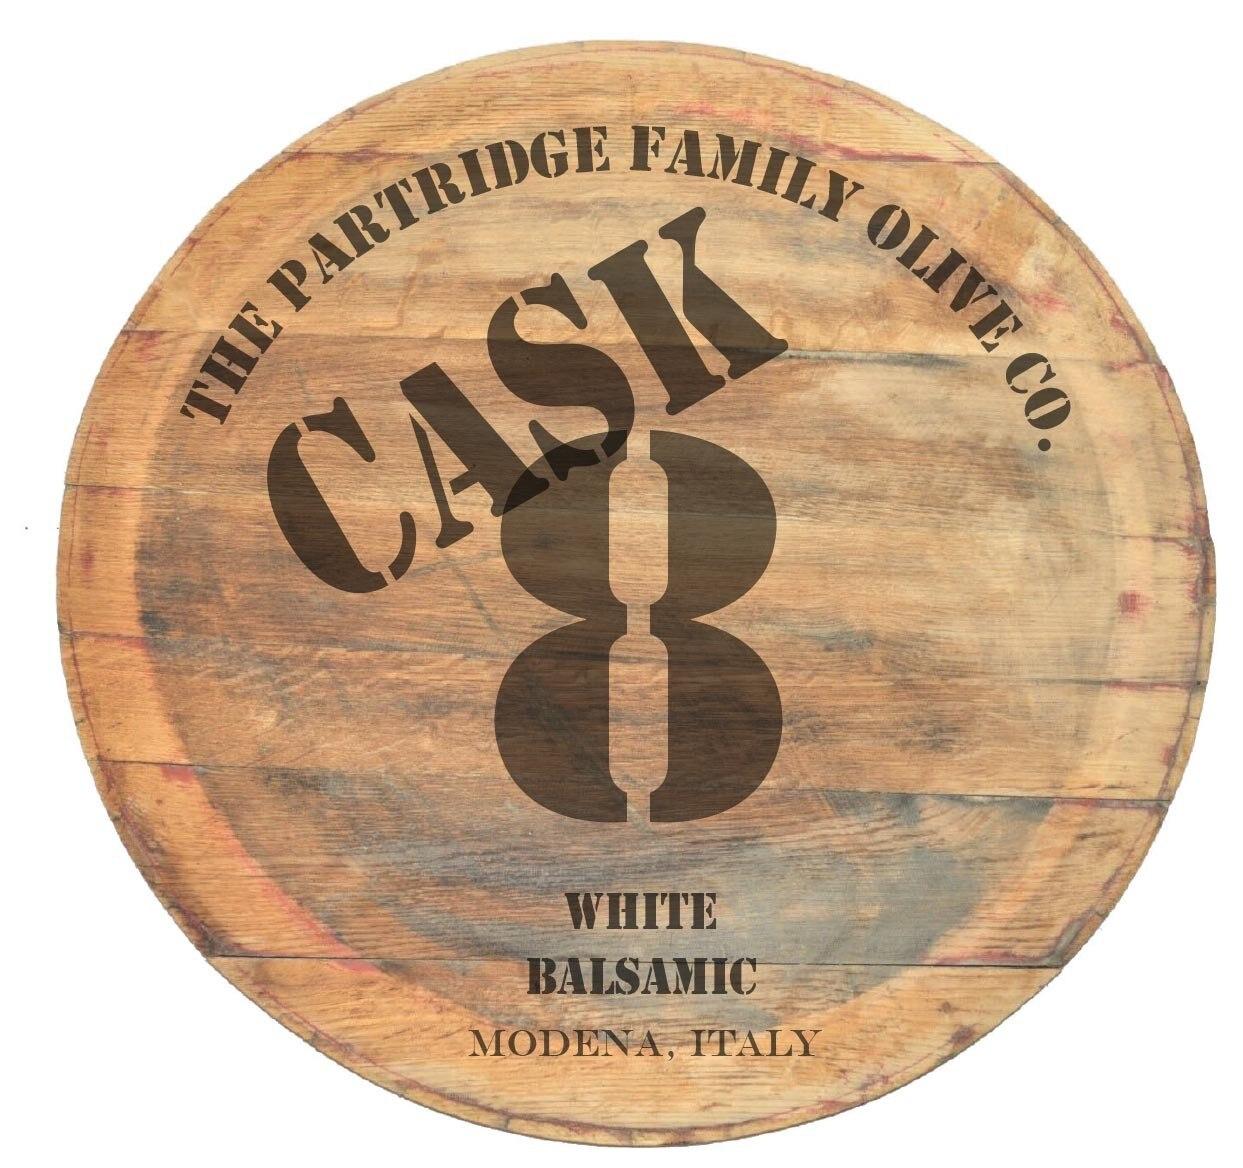 Cask8 logo